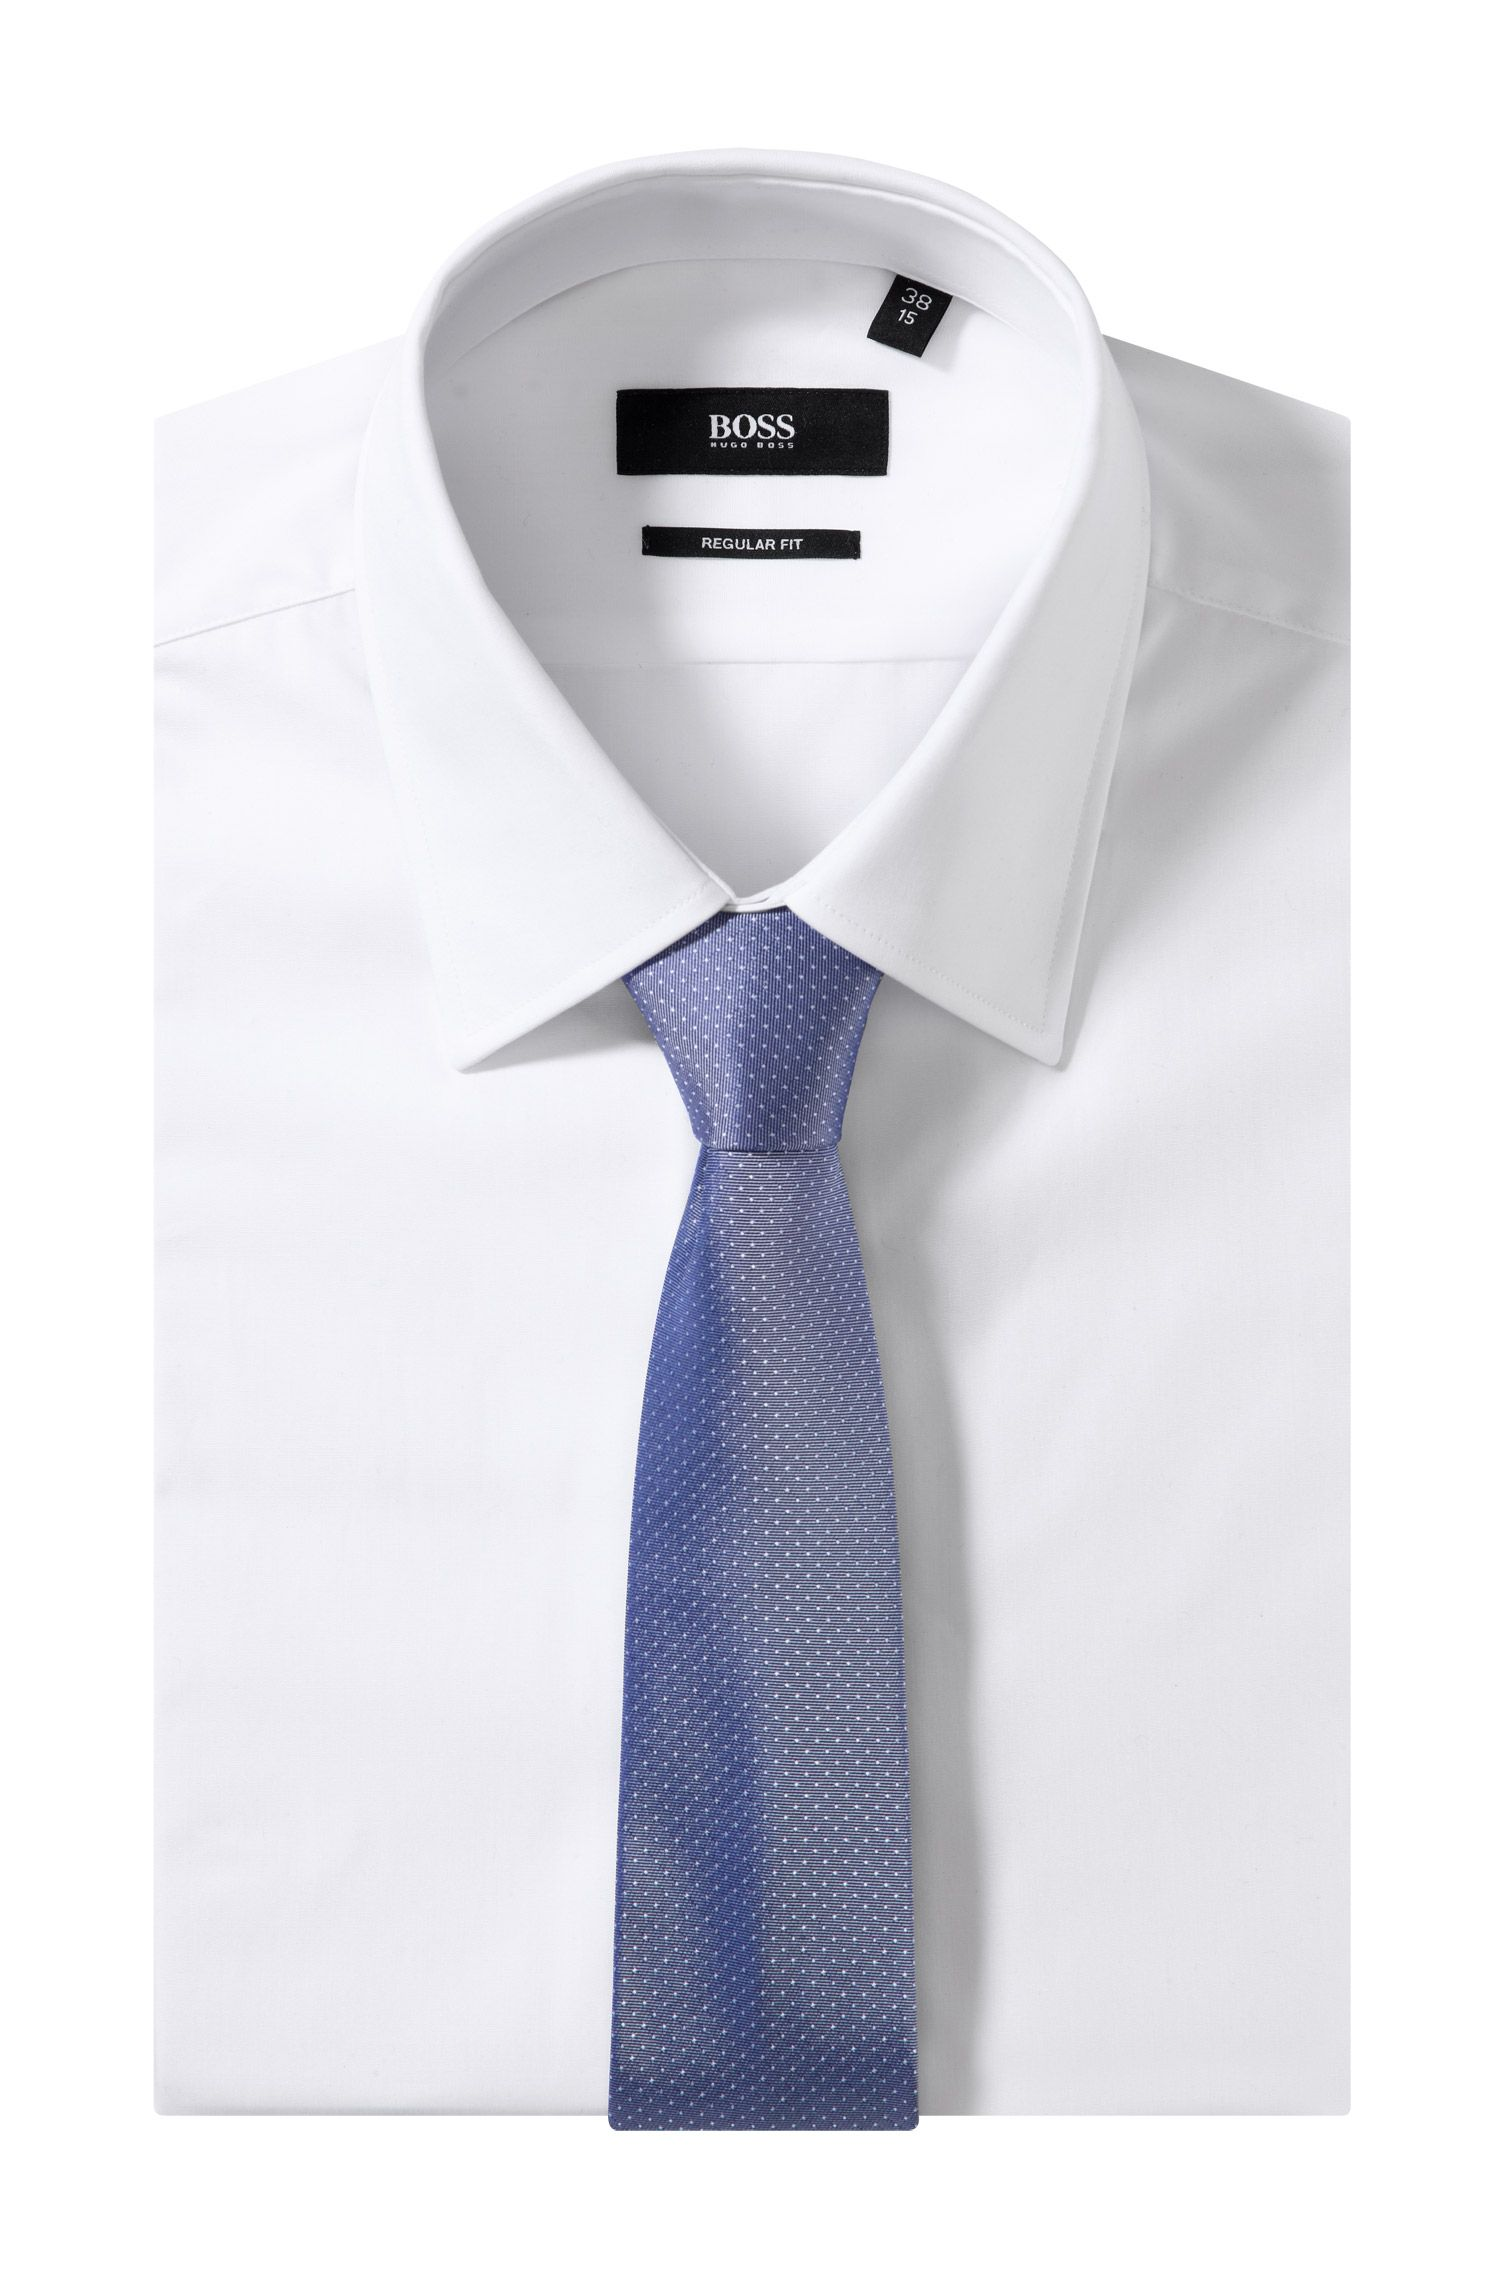 Cravate à carreaux, Tie 6 cm